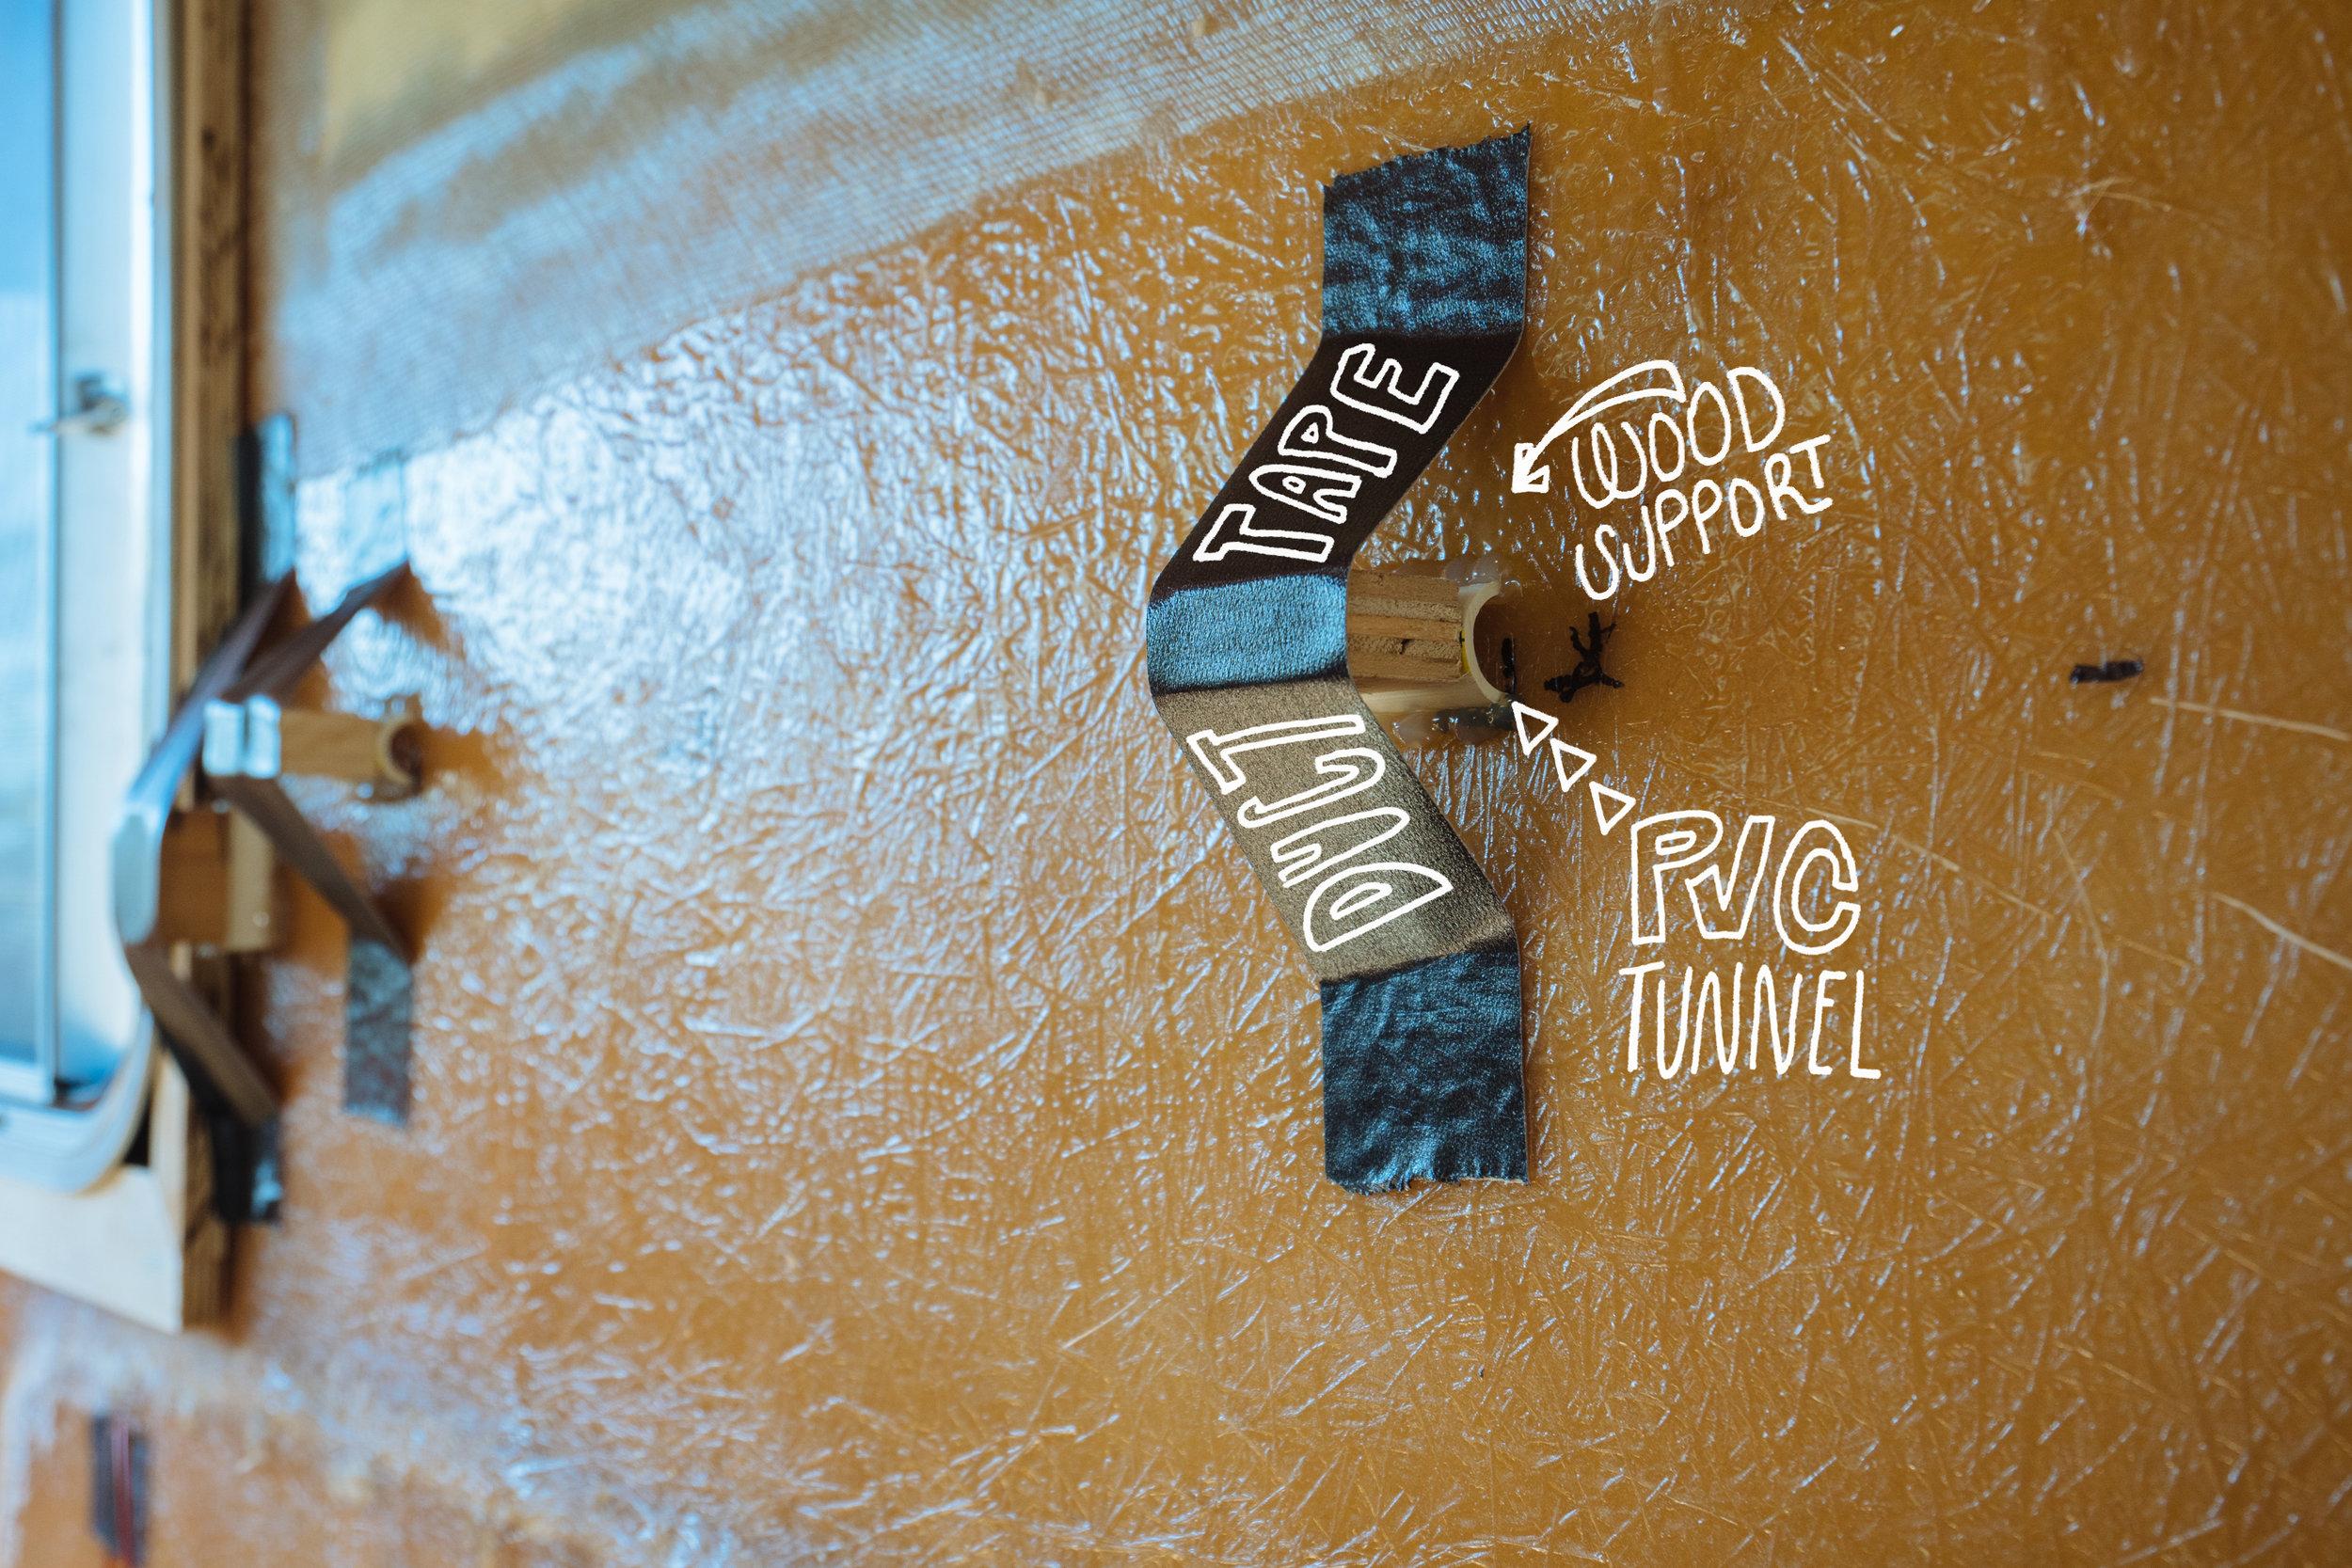 Tunnel-Illustration.jpg